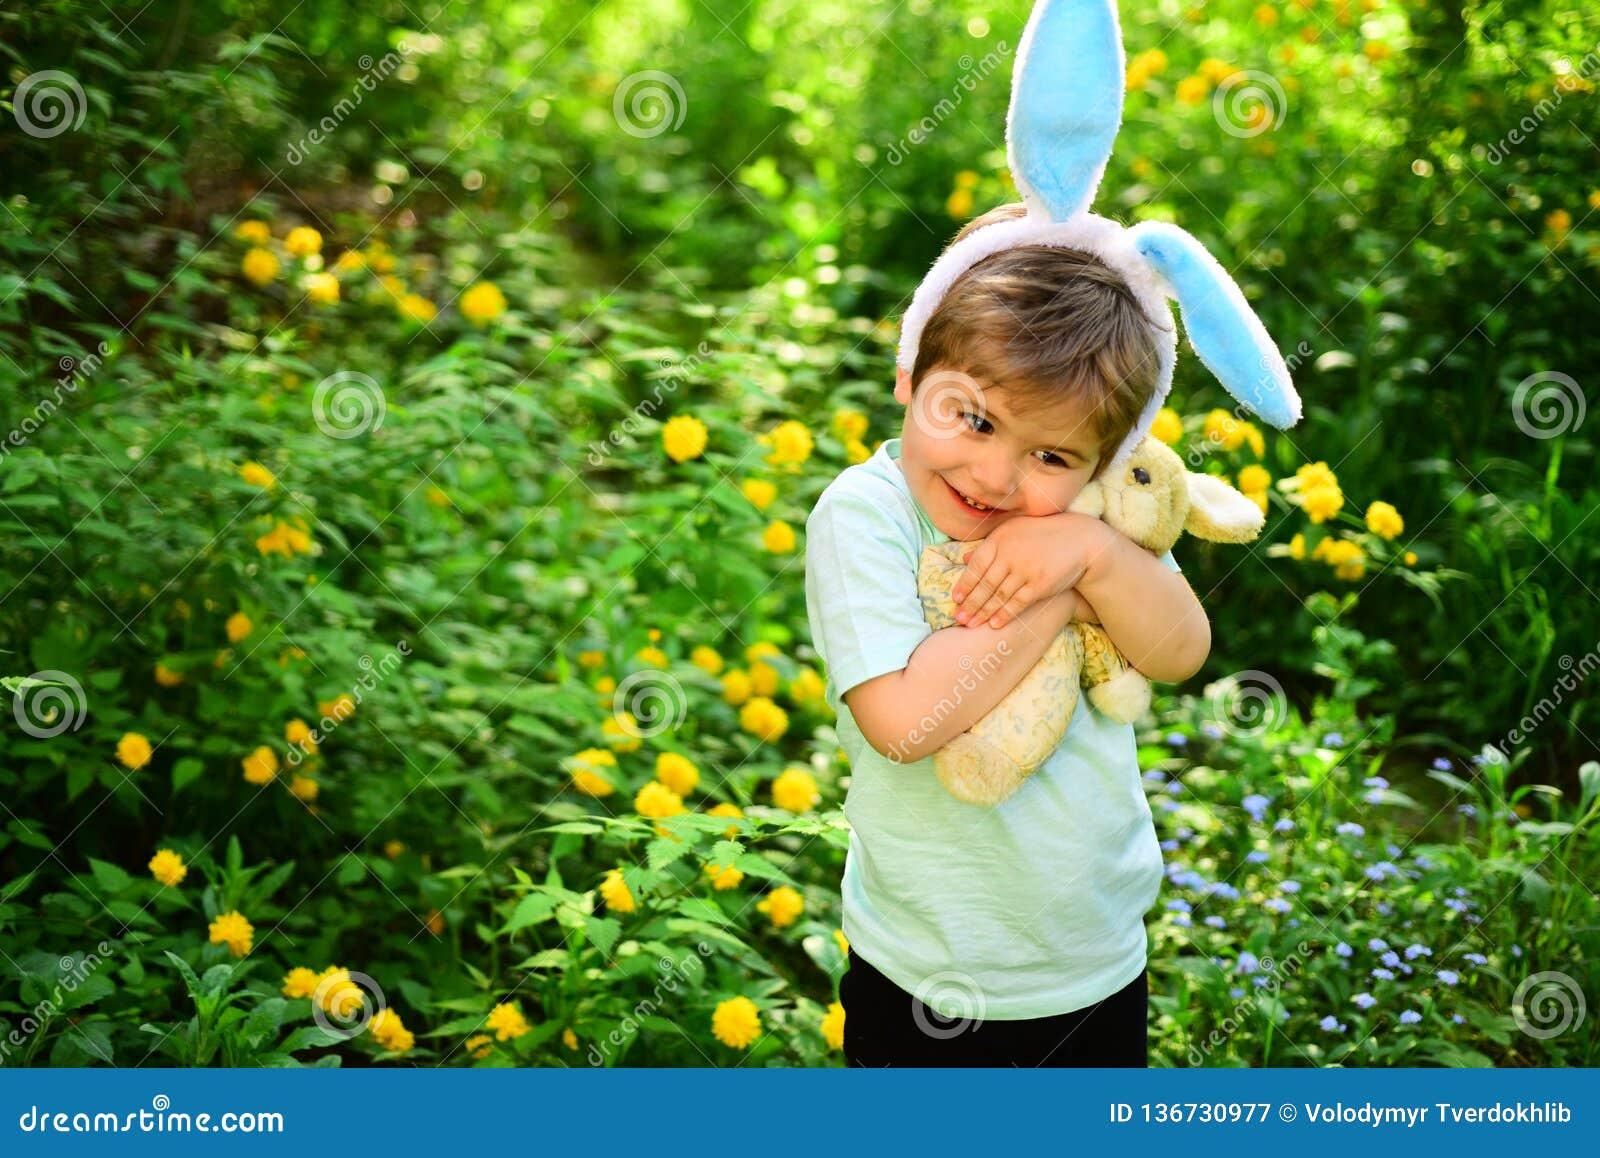 与兔宝宝耳朵的兔子孩子 野兔玩具 蛋狩猎春天假日 爱复活节 家庭假日 小男孩孩子以绿色